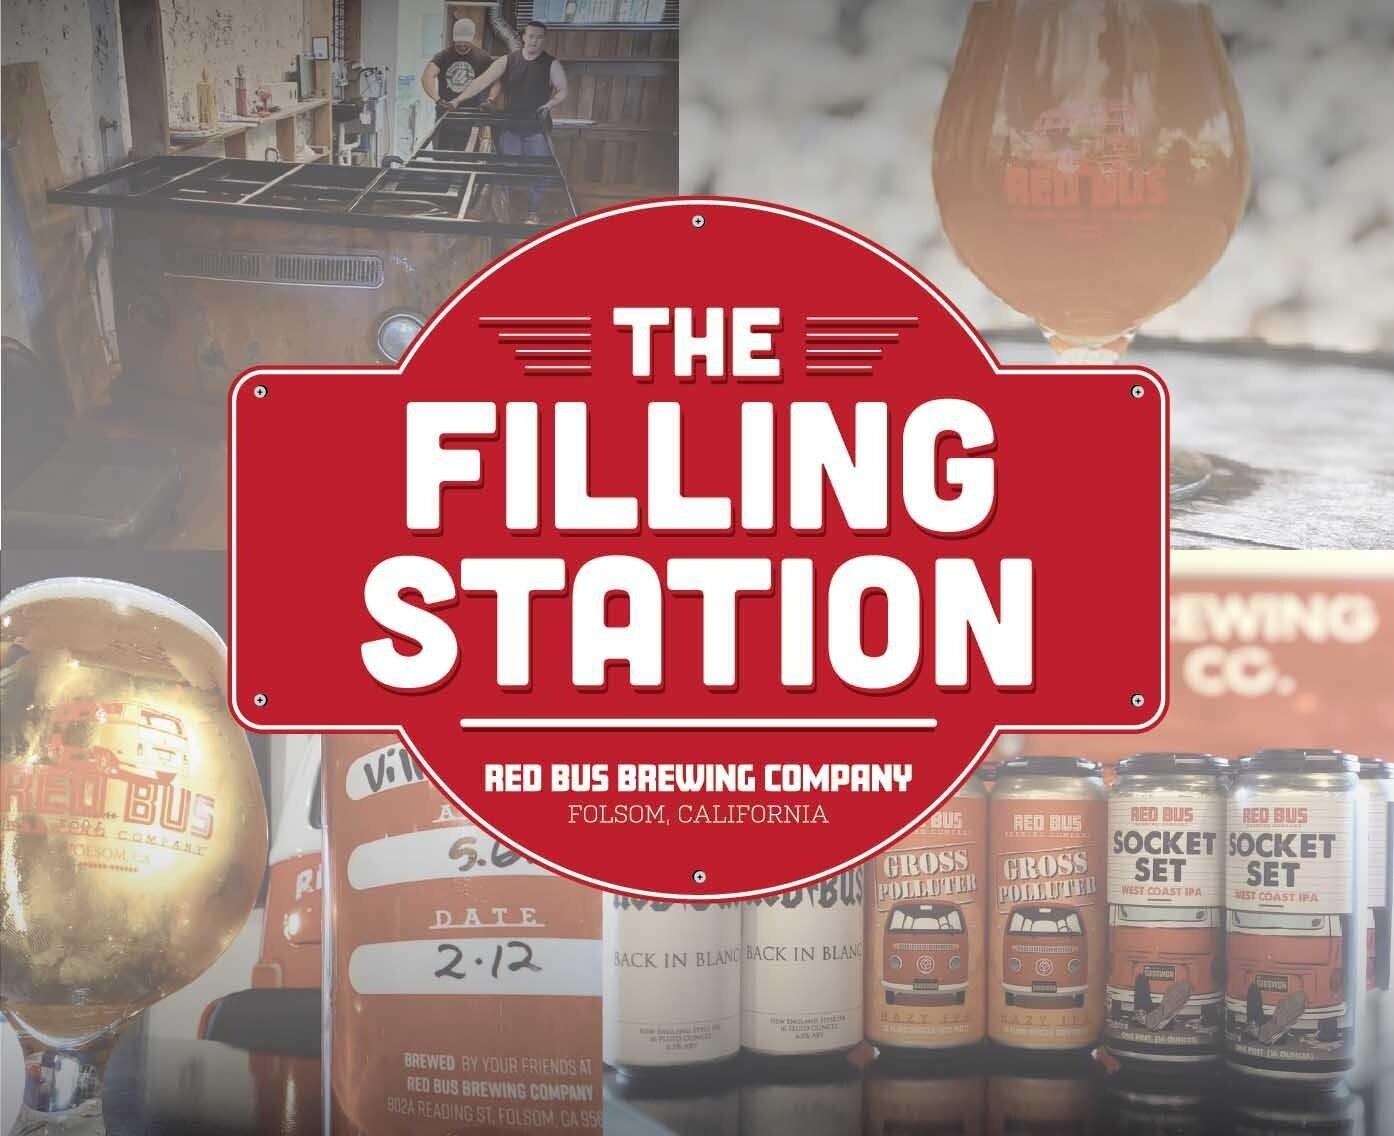 Filling_Station_Header_1%403x.jpg